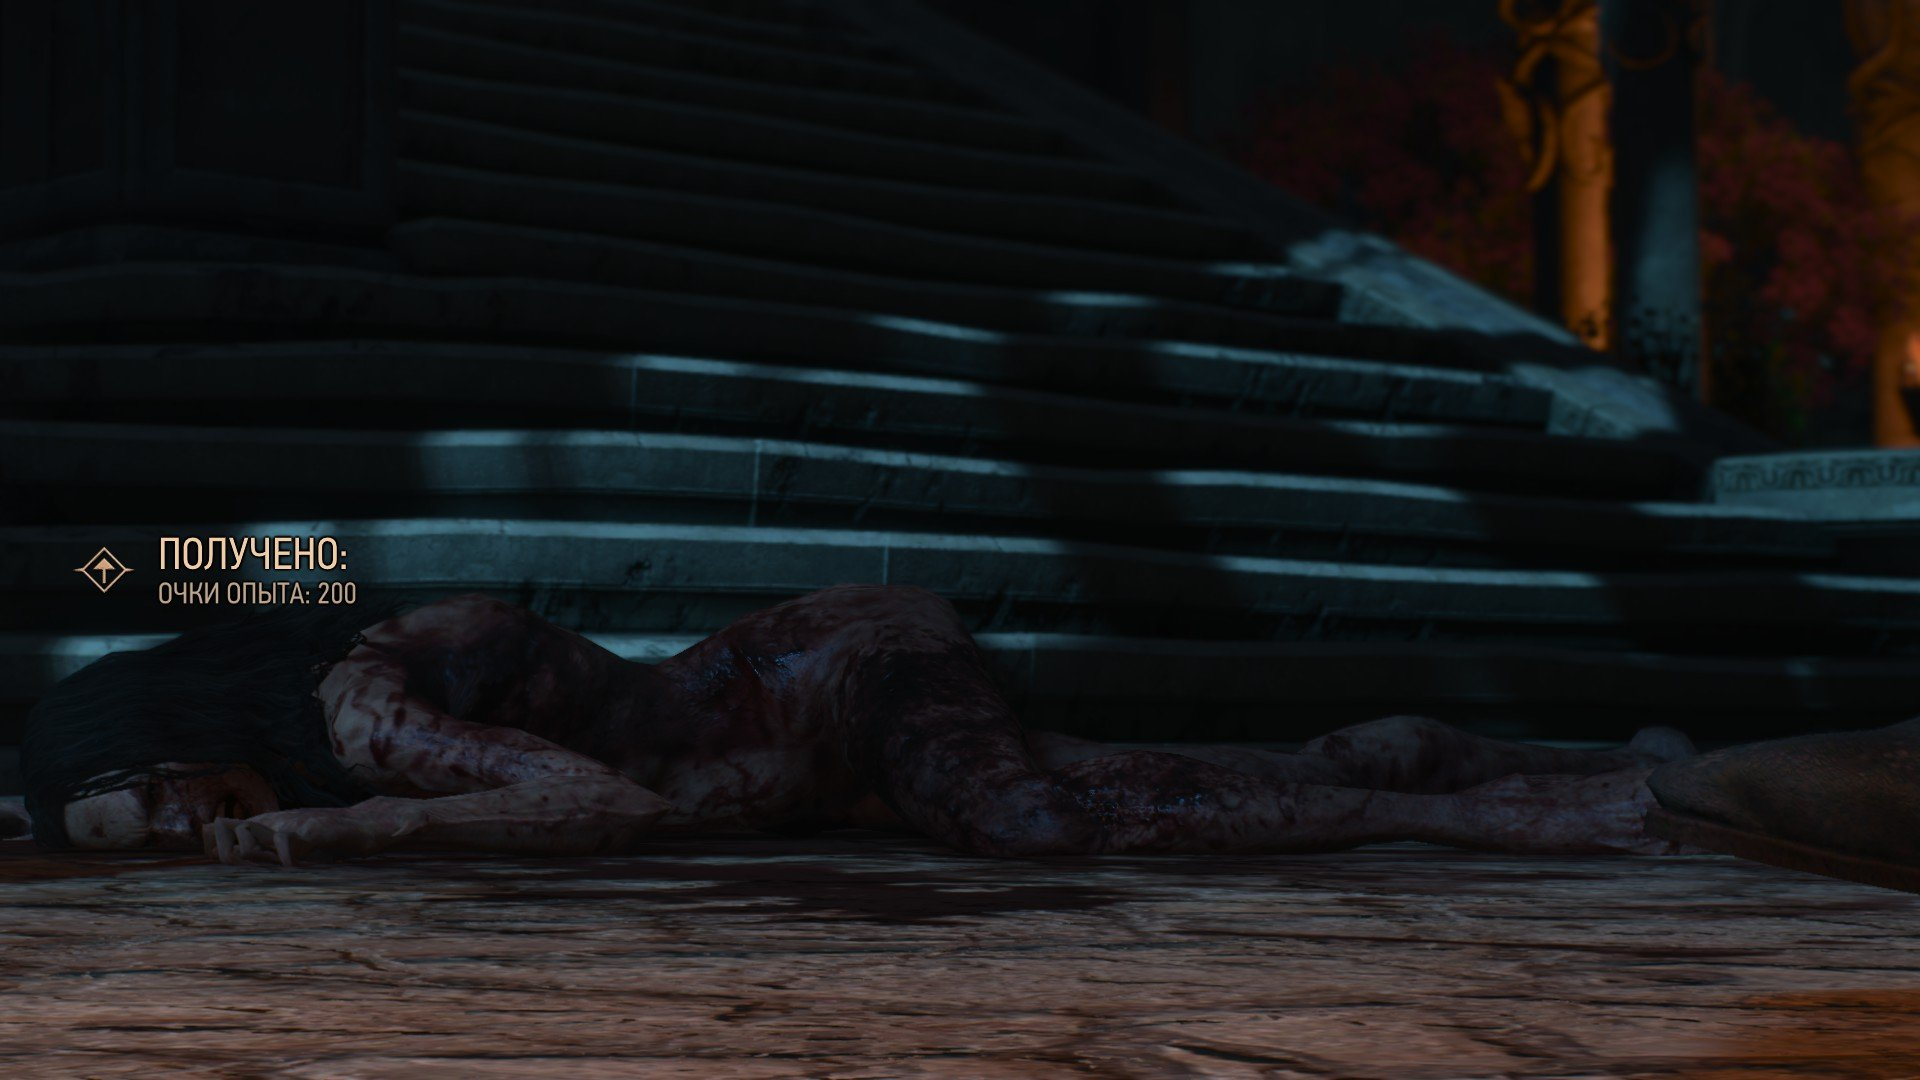 Вопль-прохождение Witcher 3: Кровь и Вино ... ФИНАЛ!!! [ВНИМАНИЕ, СПОЙЛЕРЫ] - Изображение 16